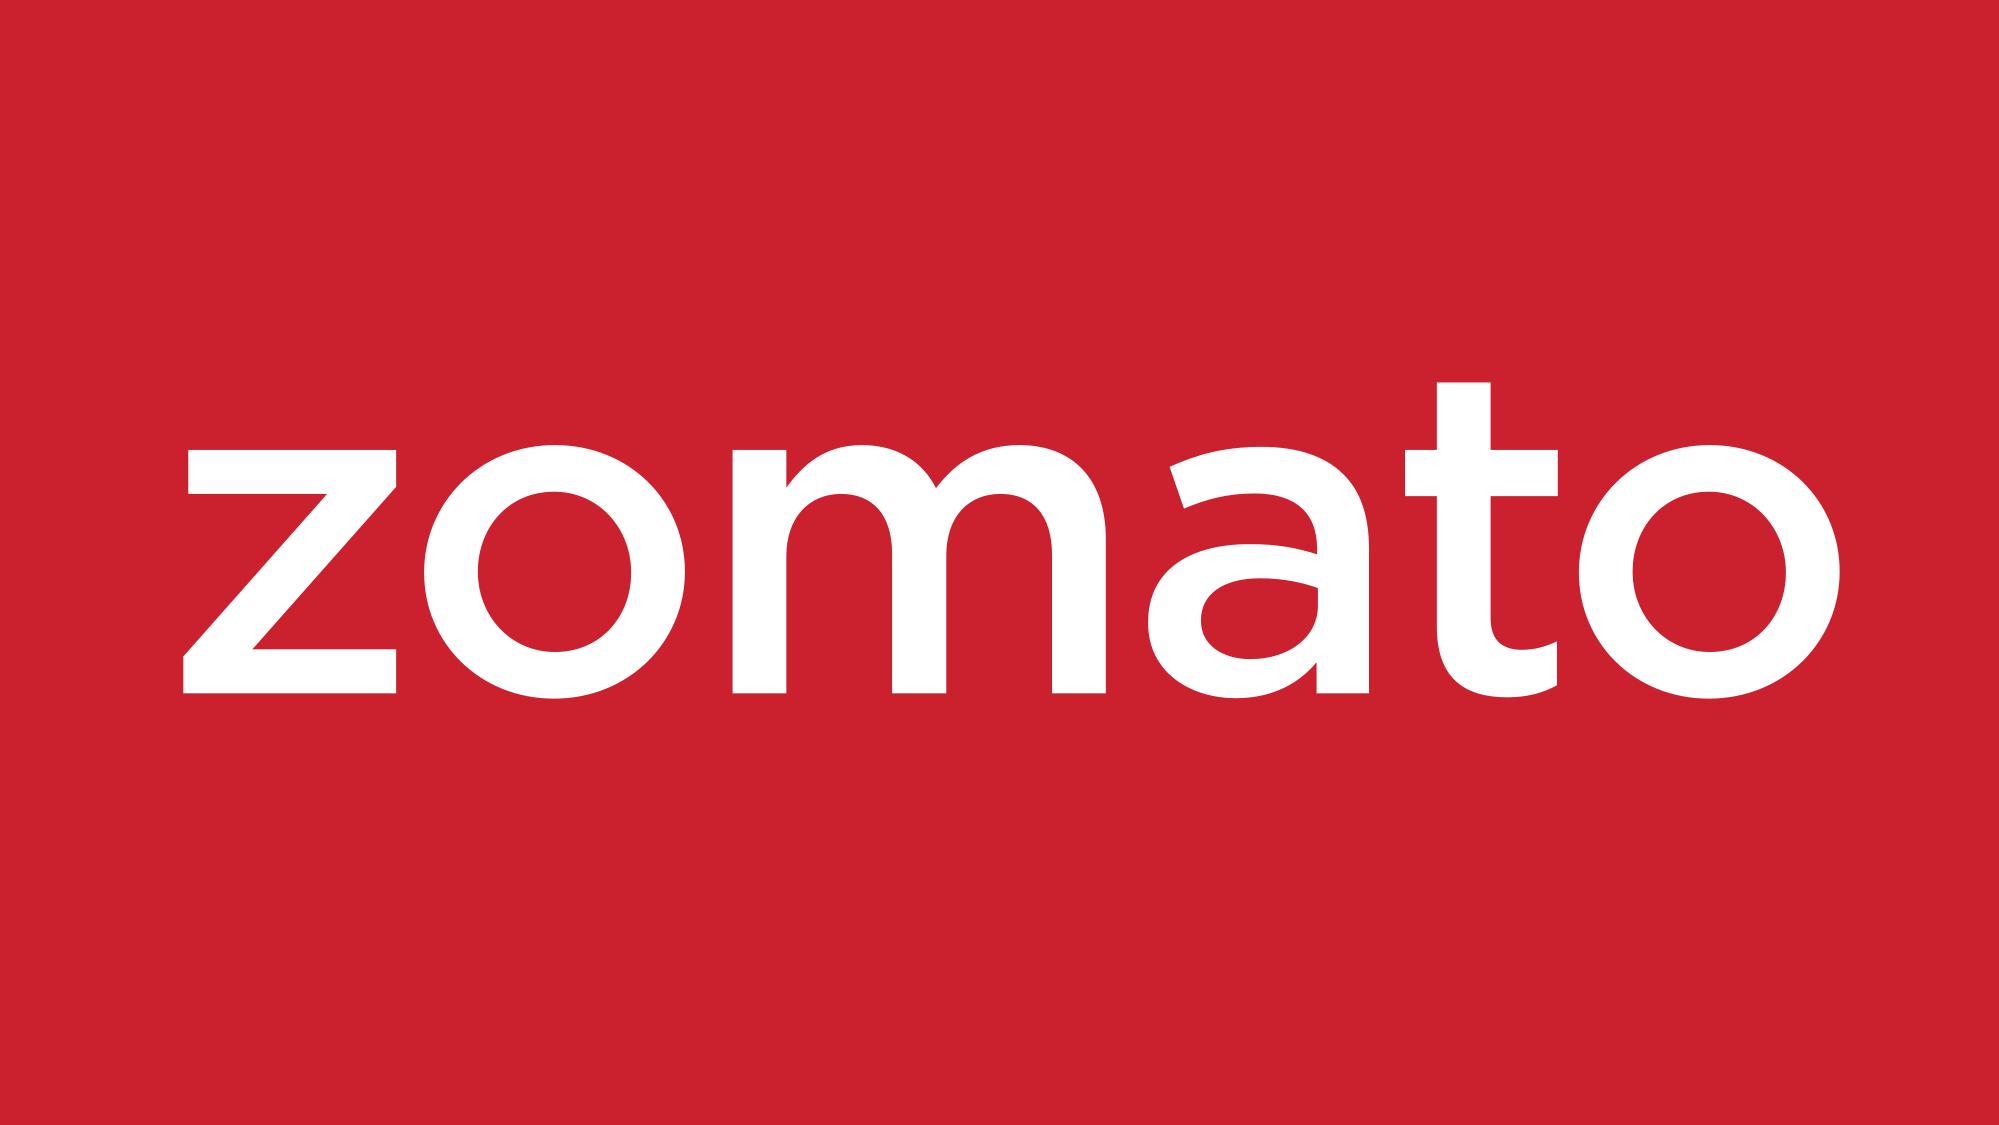 Zomato Cover Image